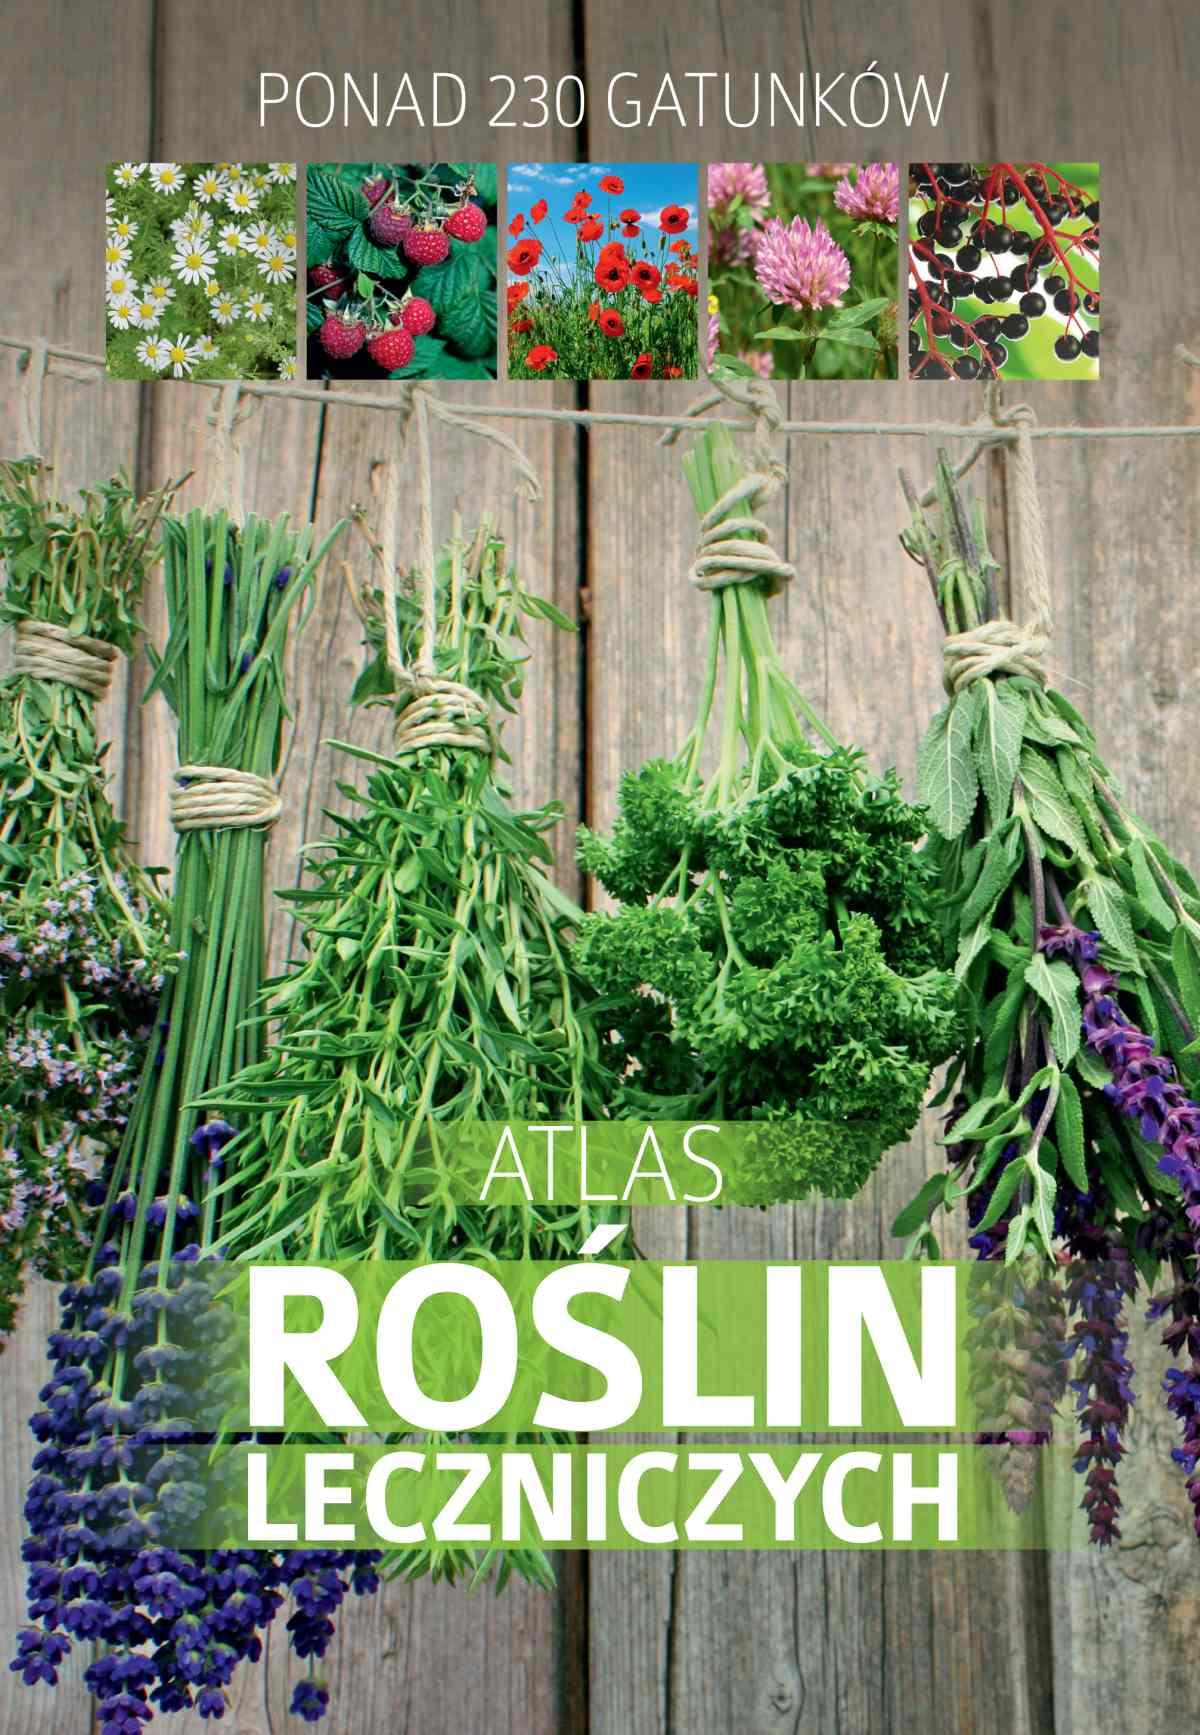 Atlas roślin leczniczych. Ponad 230 gatunków - Ebook (Książka PDF) do pobrania w formacie PDF